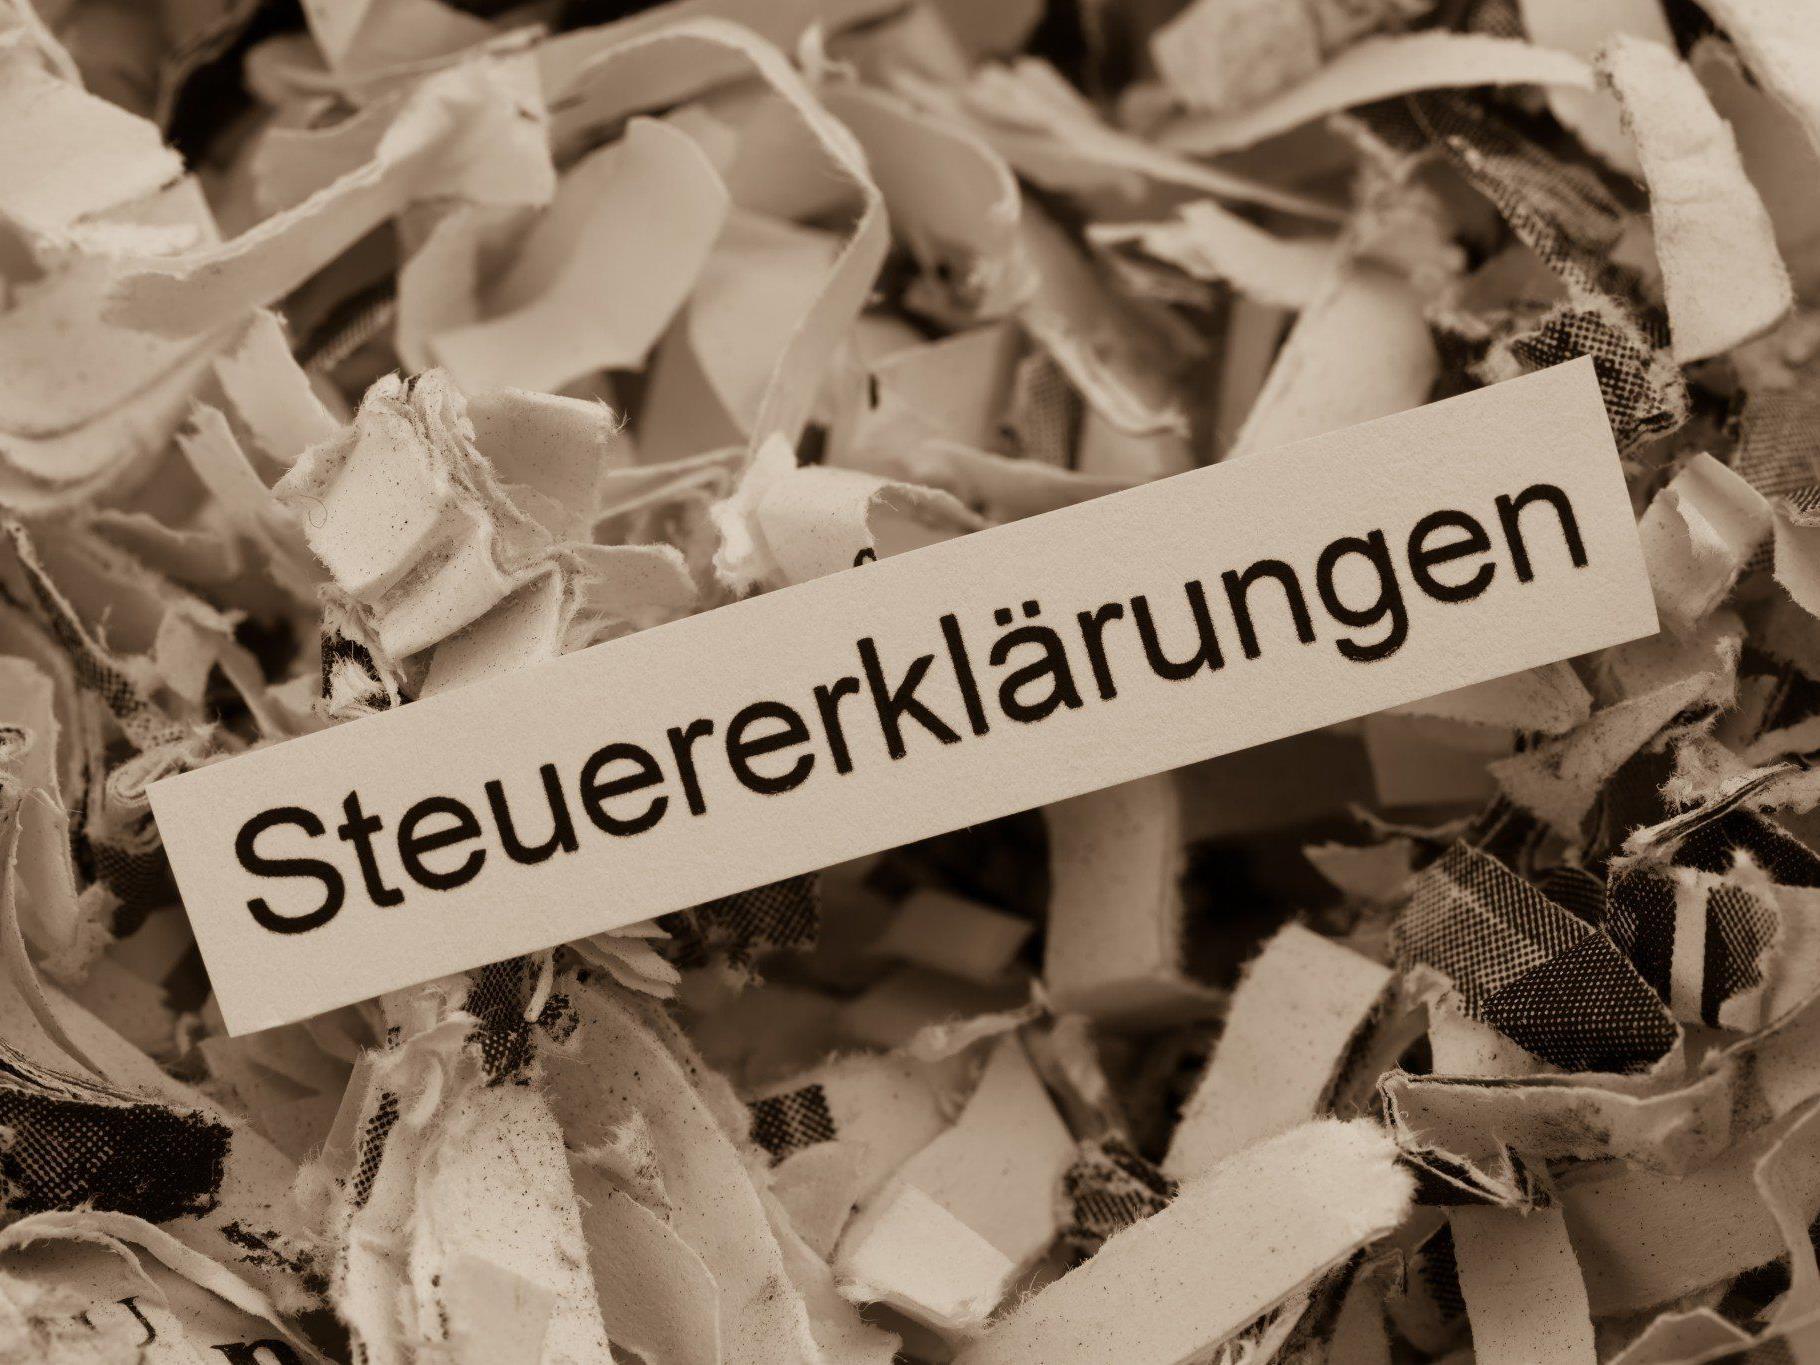 Österreich erhielt aus Steuerabkommen mit Schweiz schon 696 Mio. Euro.